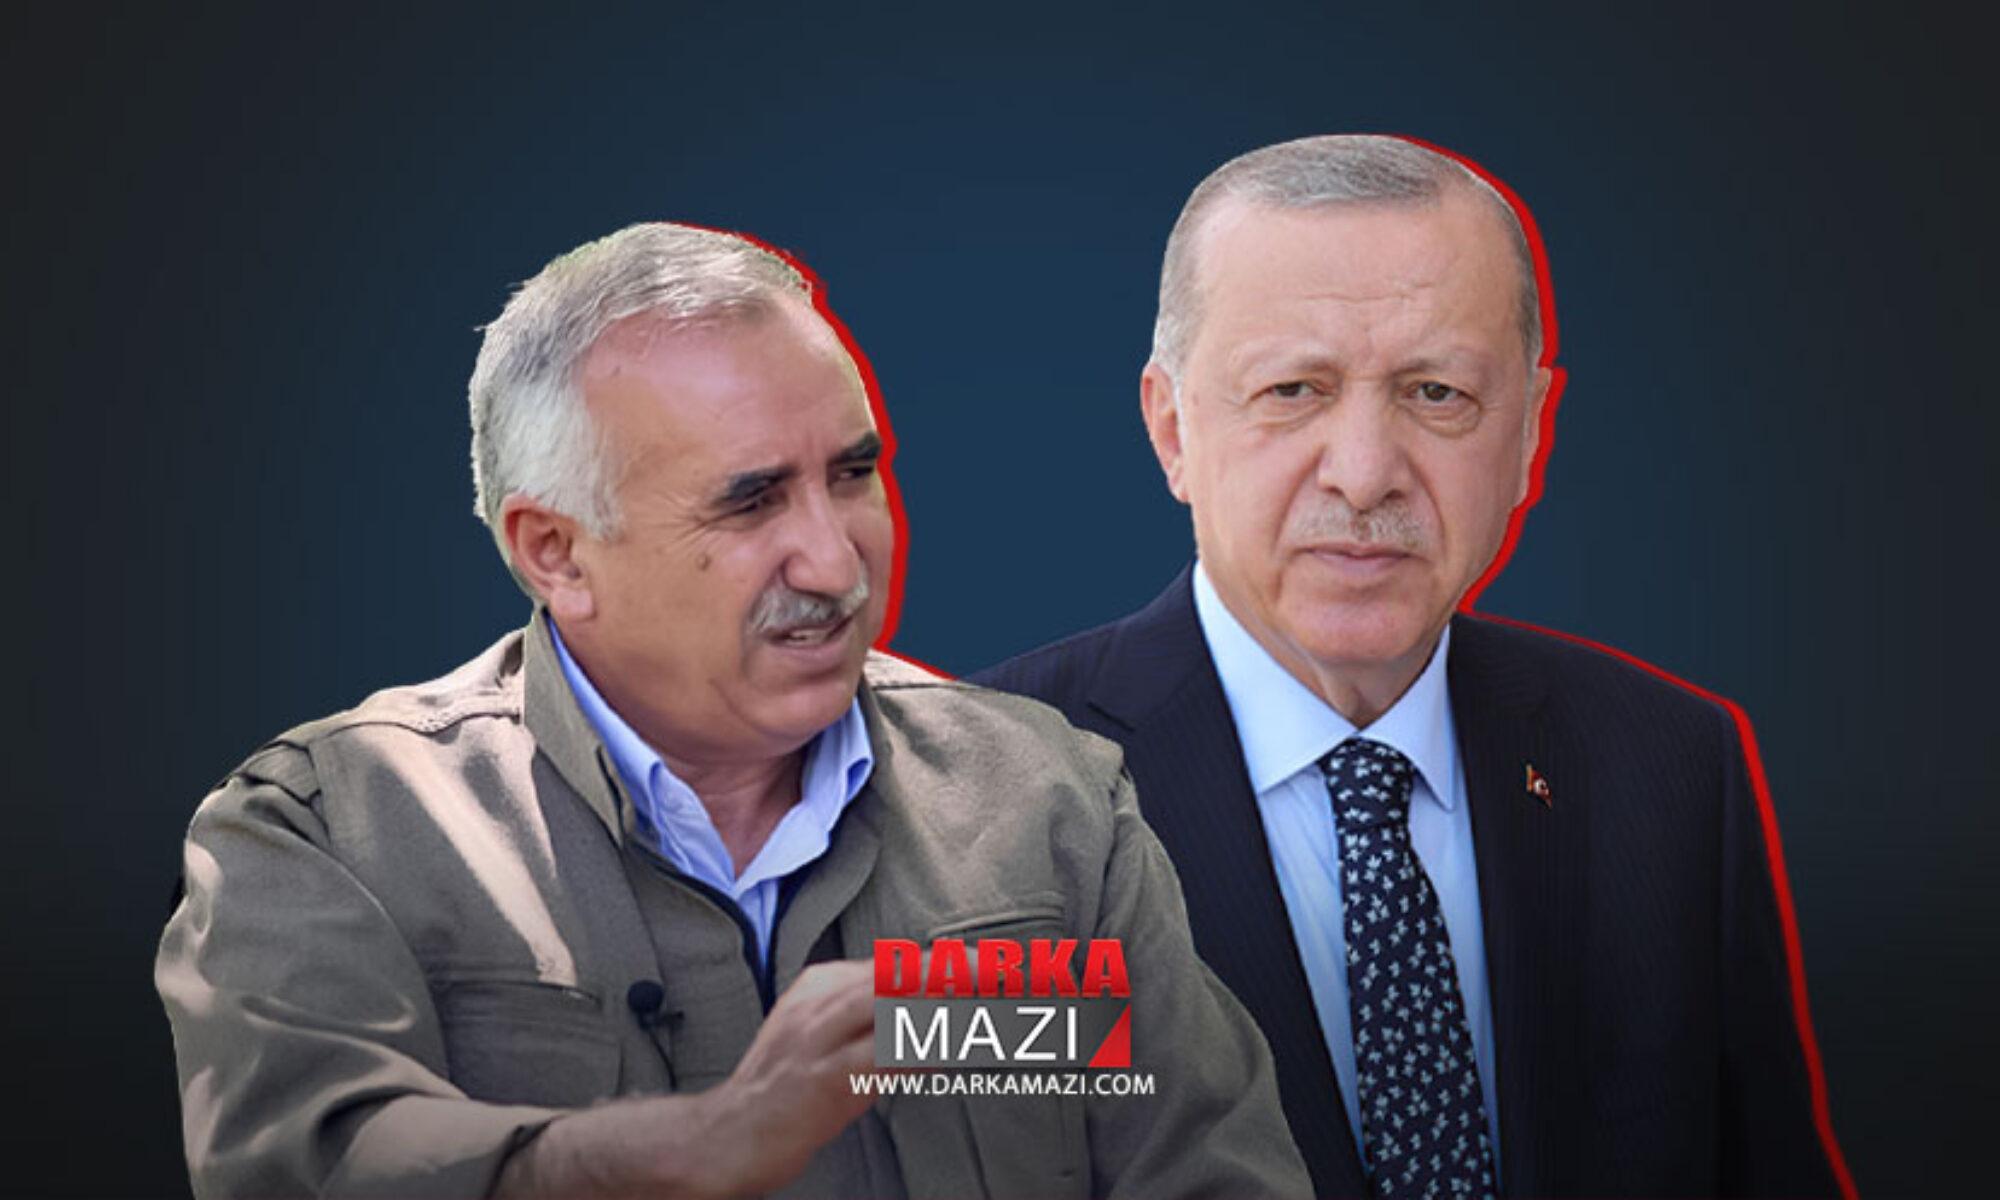 Kürtlerin AKP'si PKK ve Murat Karayılan'ın yalanları Şengal, Denge Welat, Süleyman Soylu, Hugo, Haşdi Şabi, Peşmerge, Kürdistan Bölgesi, İran, Türkiye, Suriye, Türkiyelileşme , Yalan, yalan ustalığı